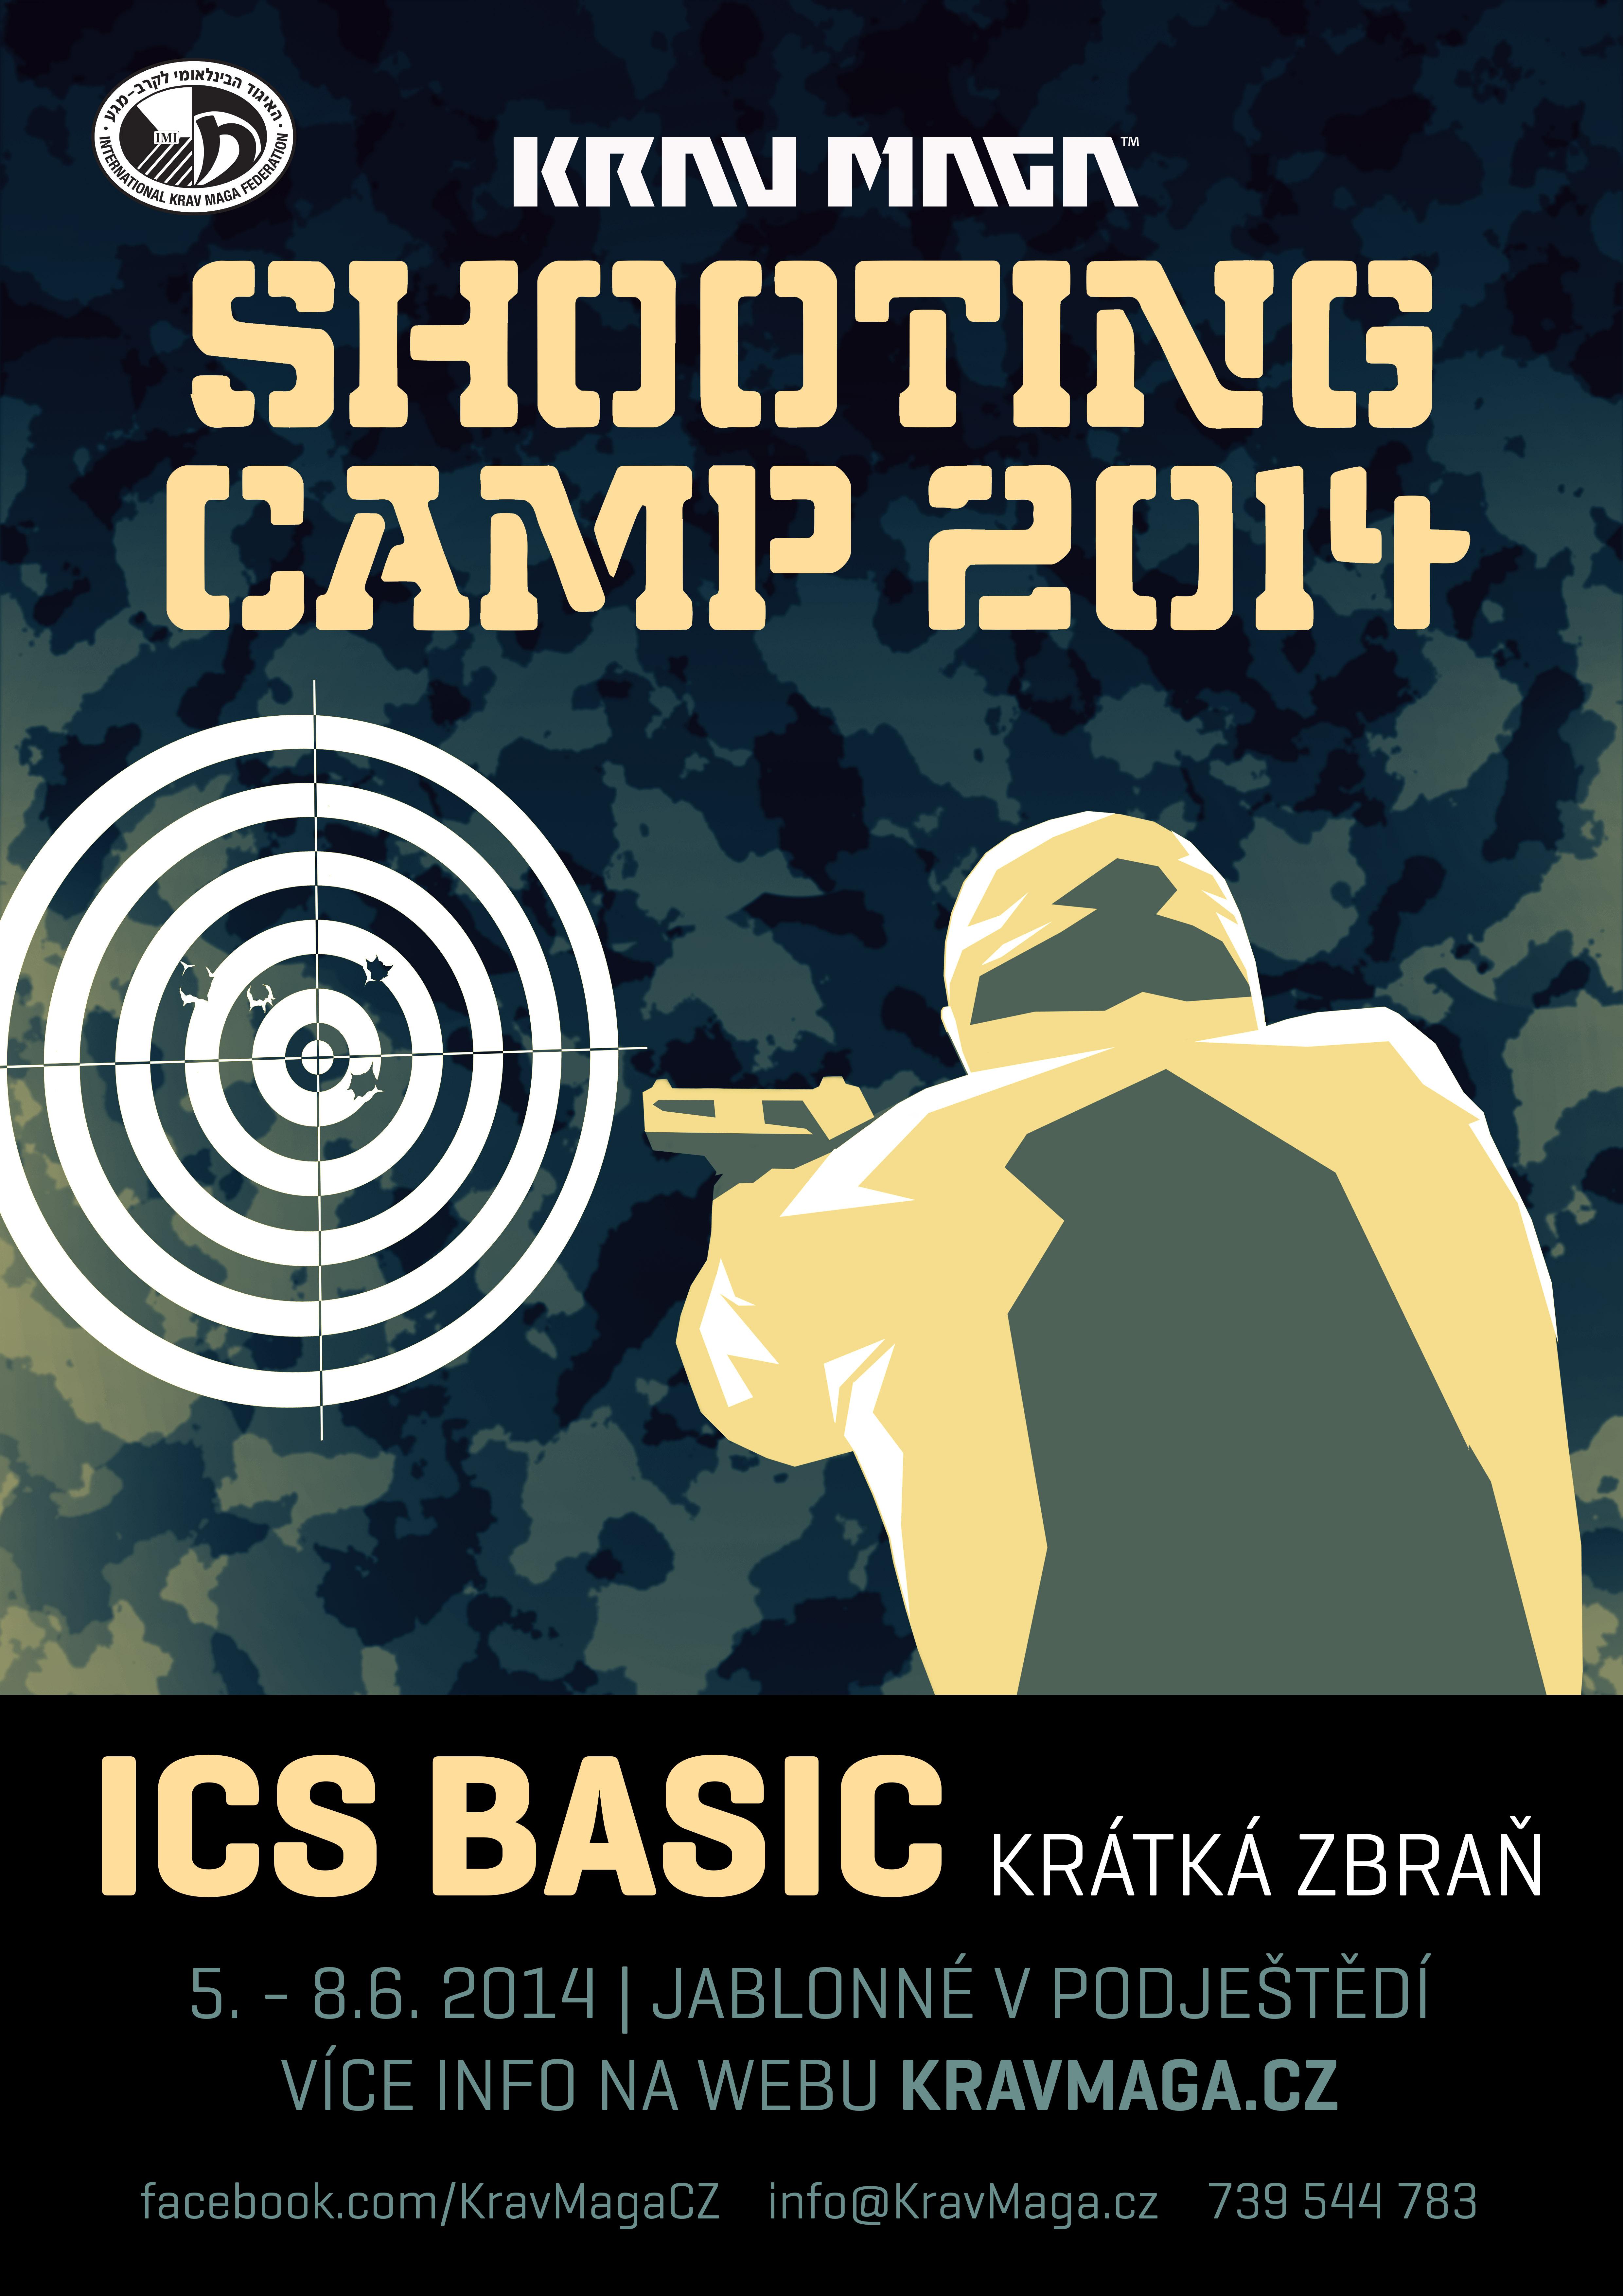 VIZUÁL Shooting camp ICS Basic krátká zbraň FINAL